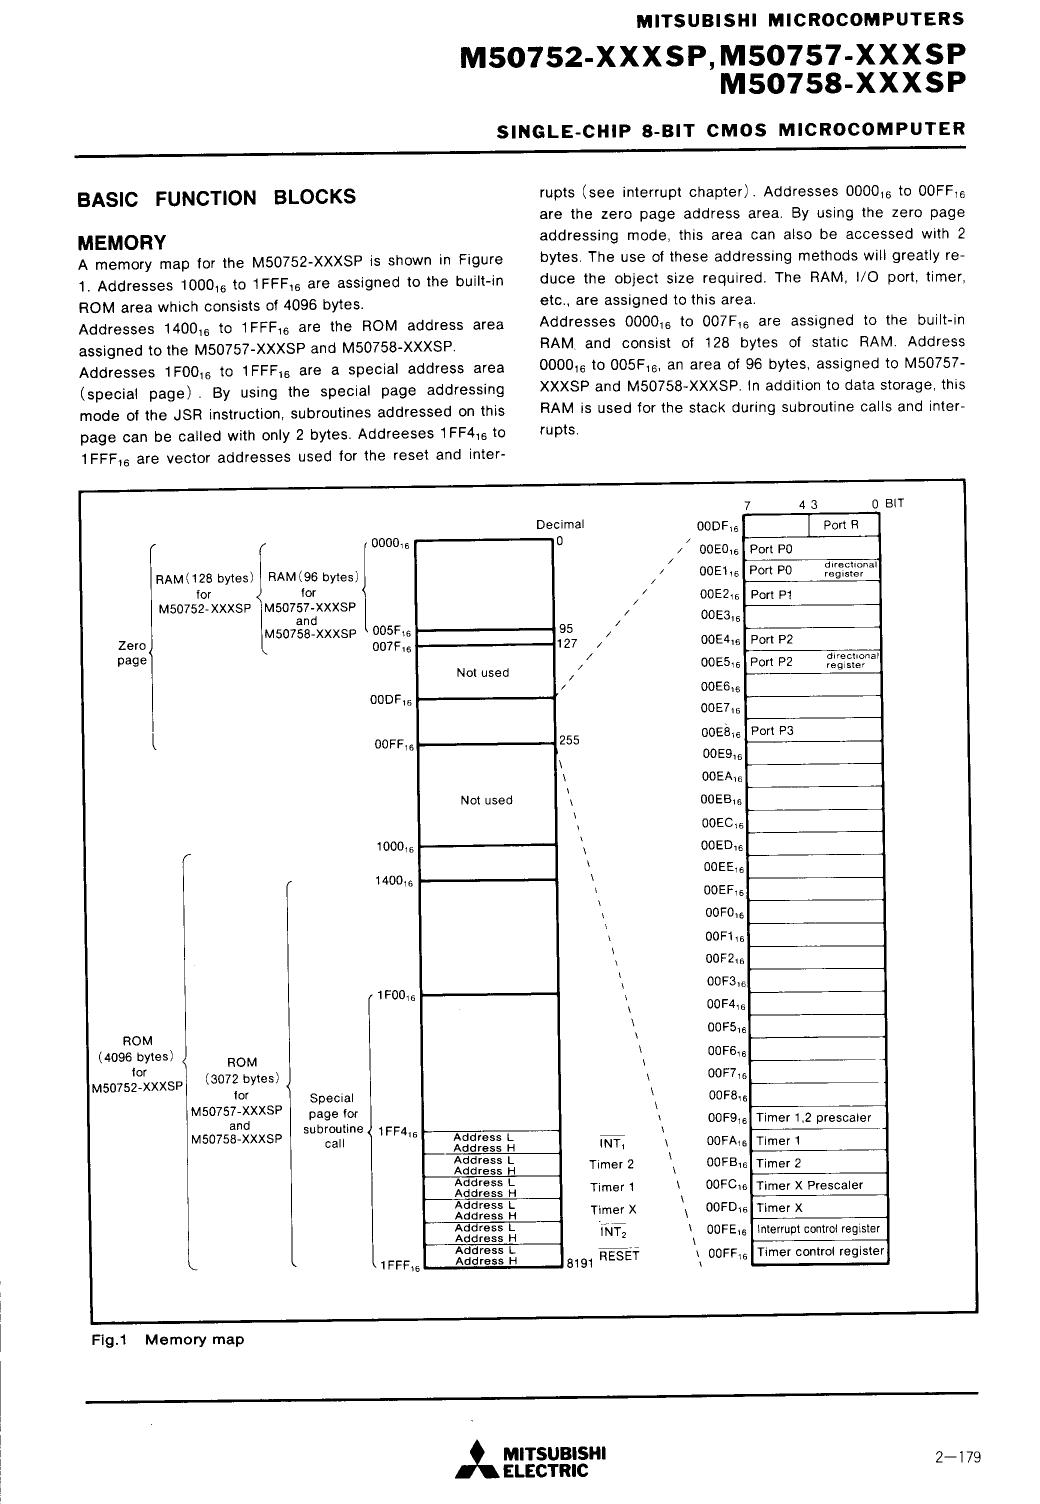 M50752-XXXSP pdf